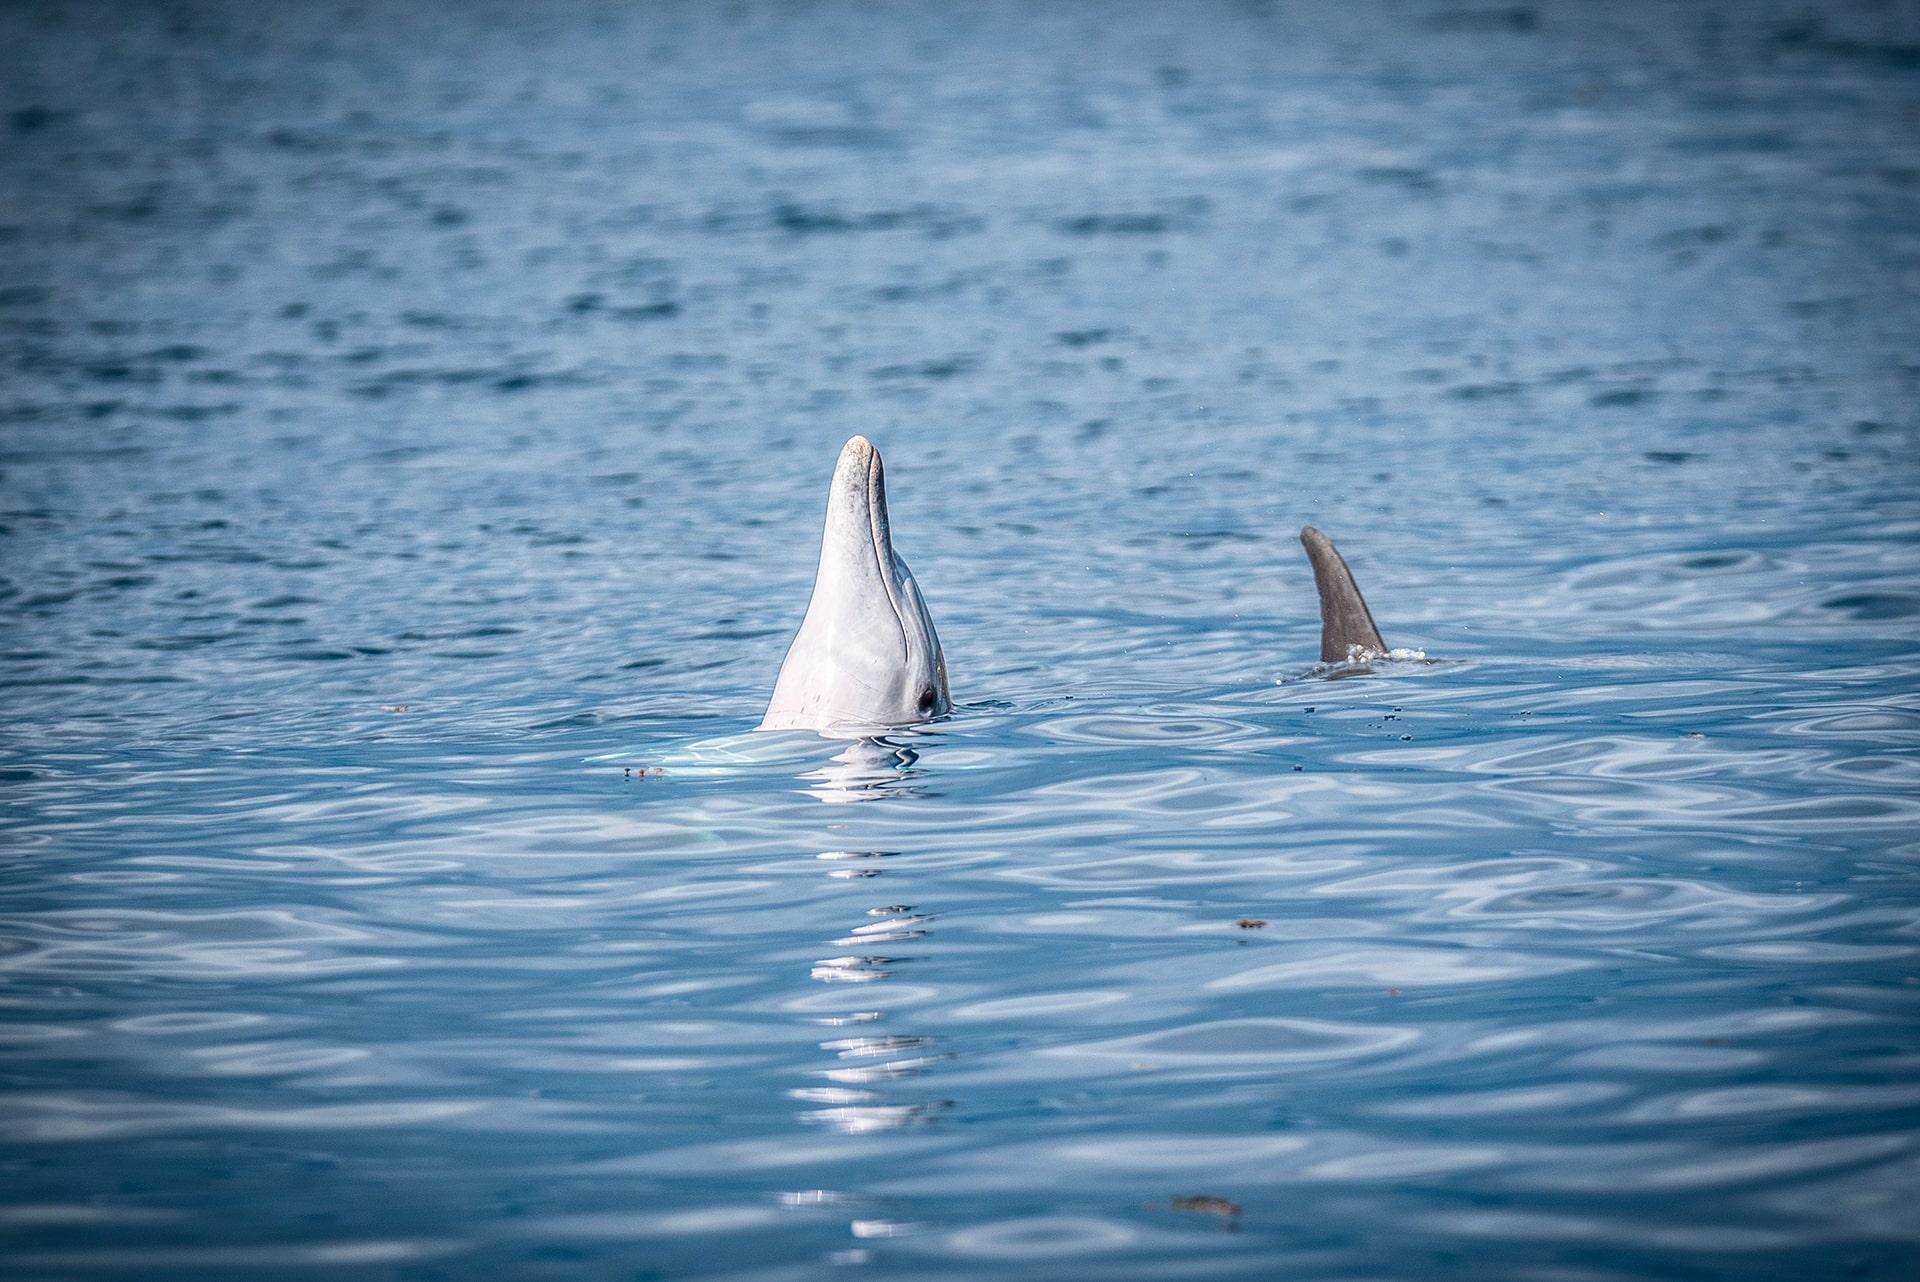 Les dauphins - Le duo de choc ! L'île Maurice et l'île de la Réunion - Suivre sa Joie - Saskia Parein